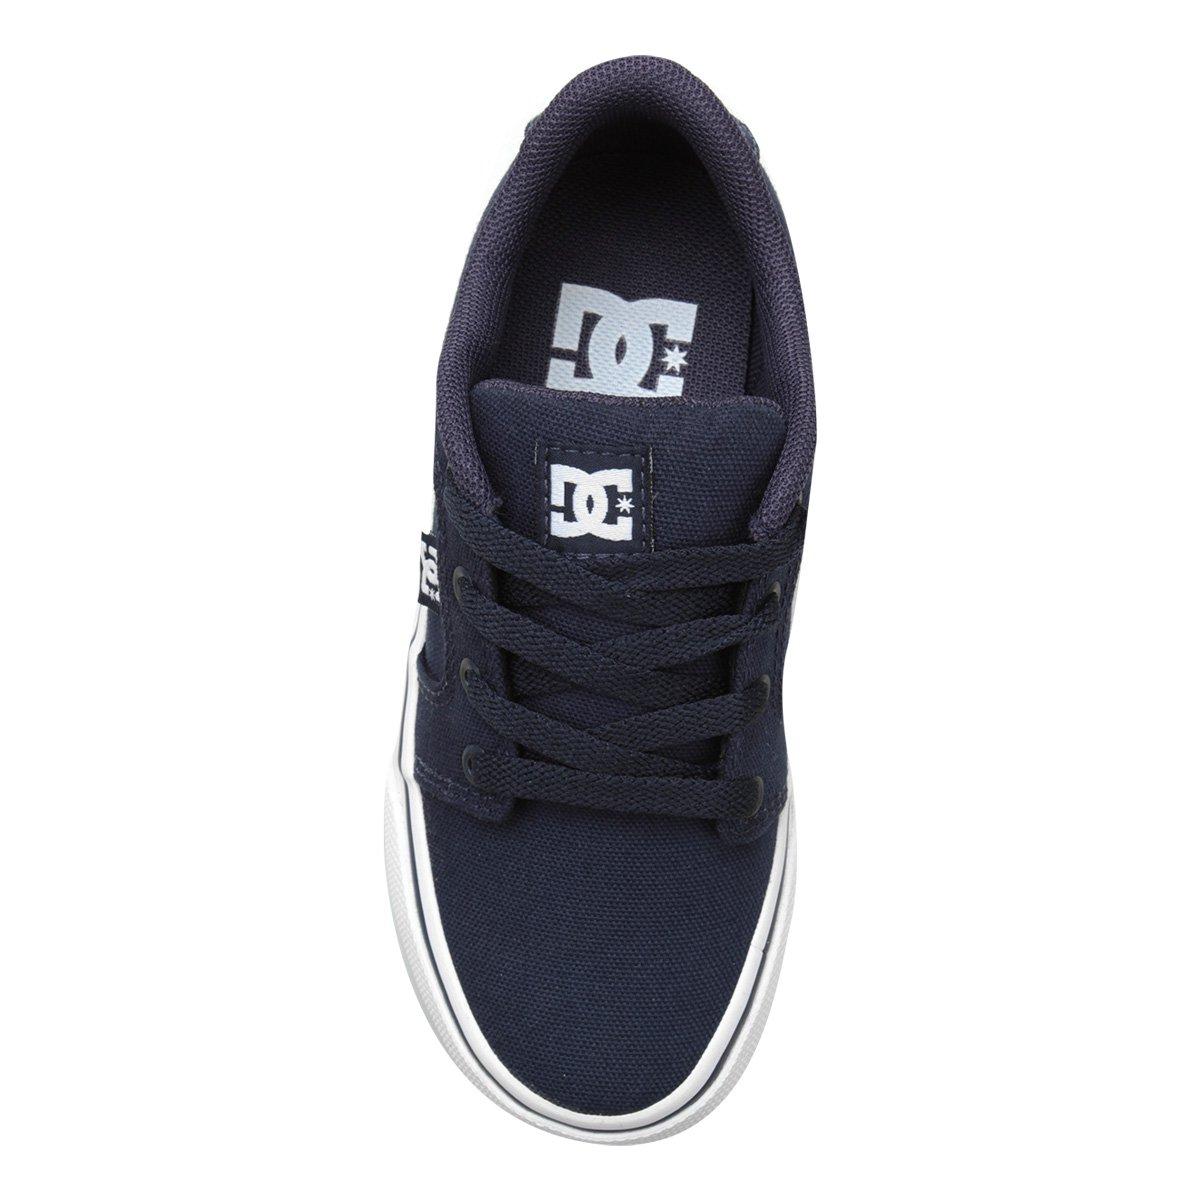 5373887636 Tênis Infantil DC Shoes Anvil Tx La Masculino - Marinho - Compre ...